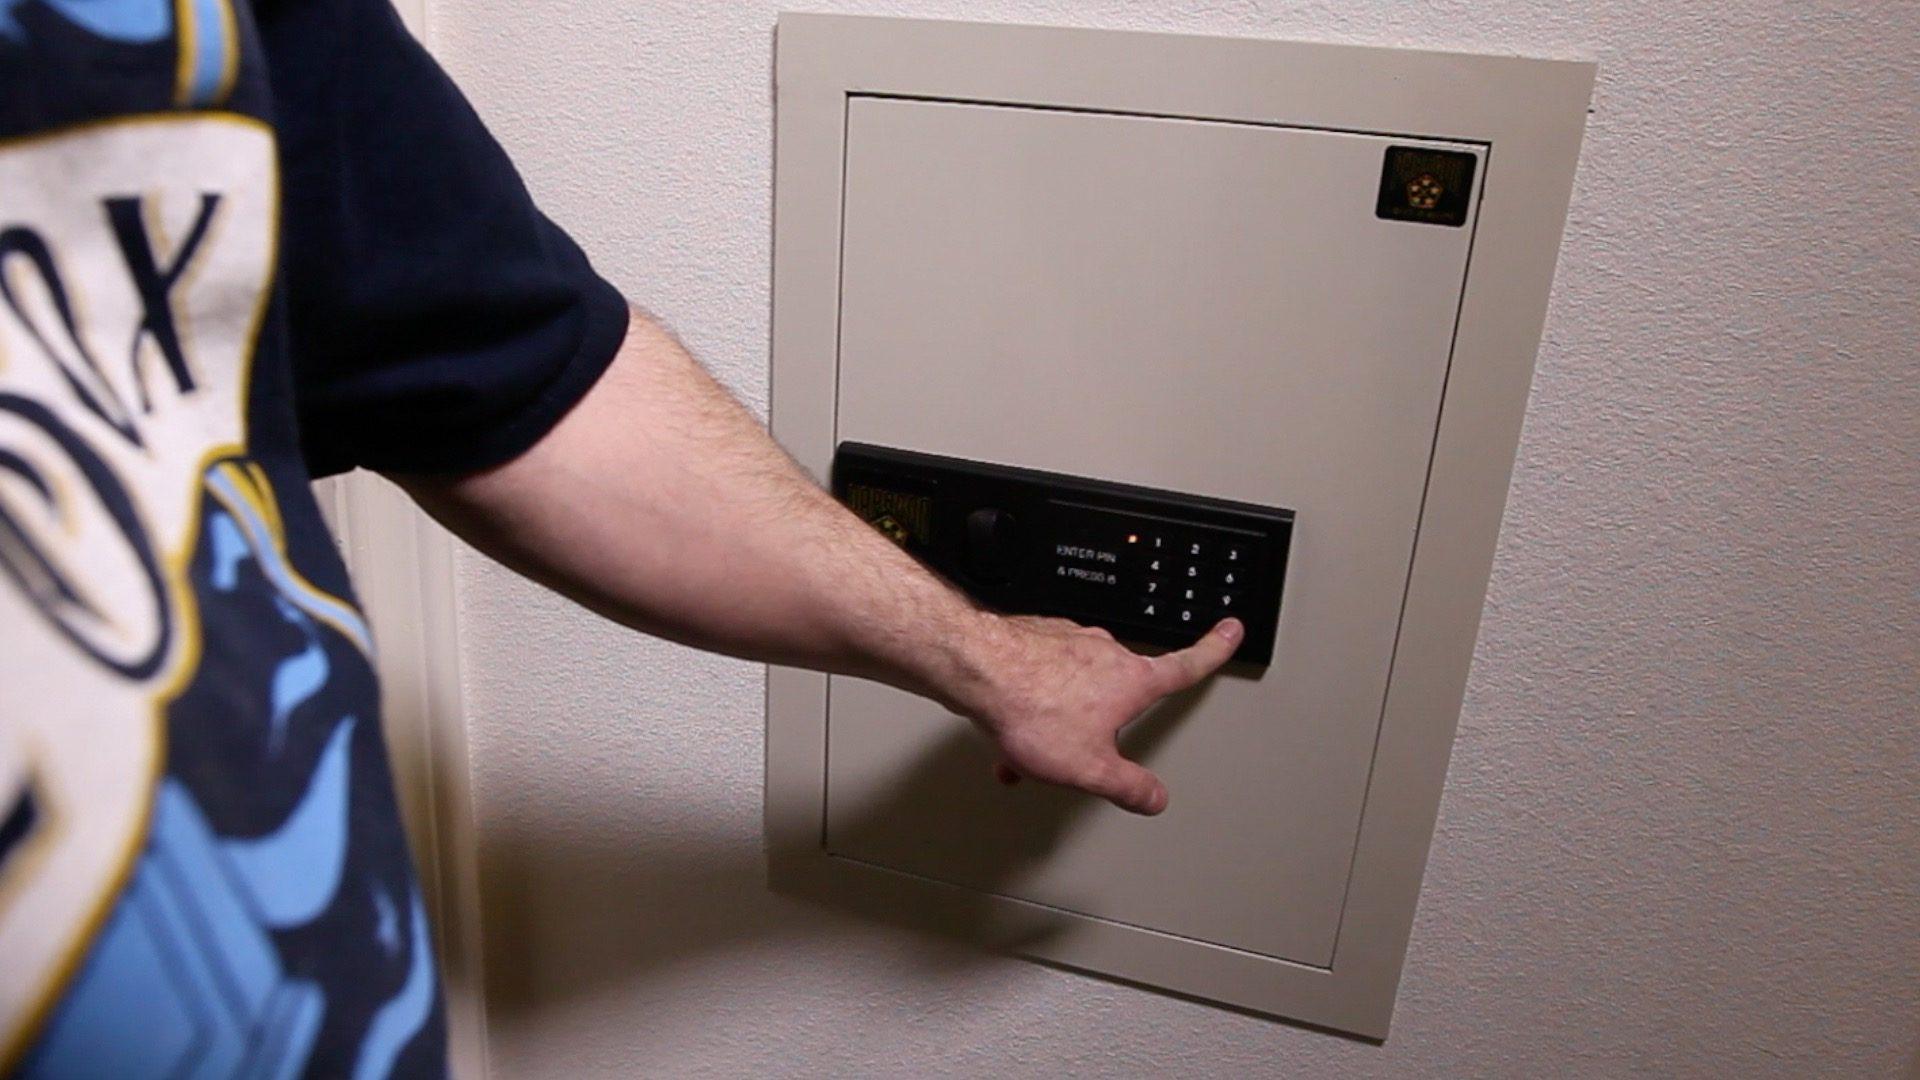 Install-a-Hidden-Wall-Safe-0011-1920x1080